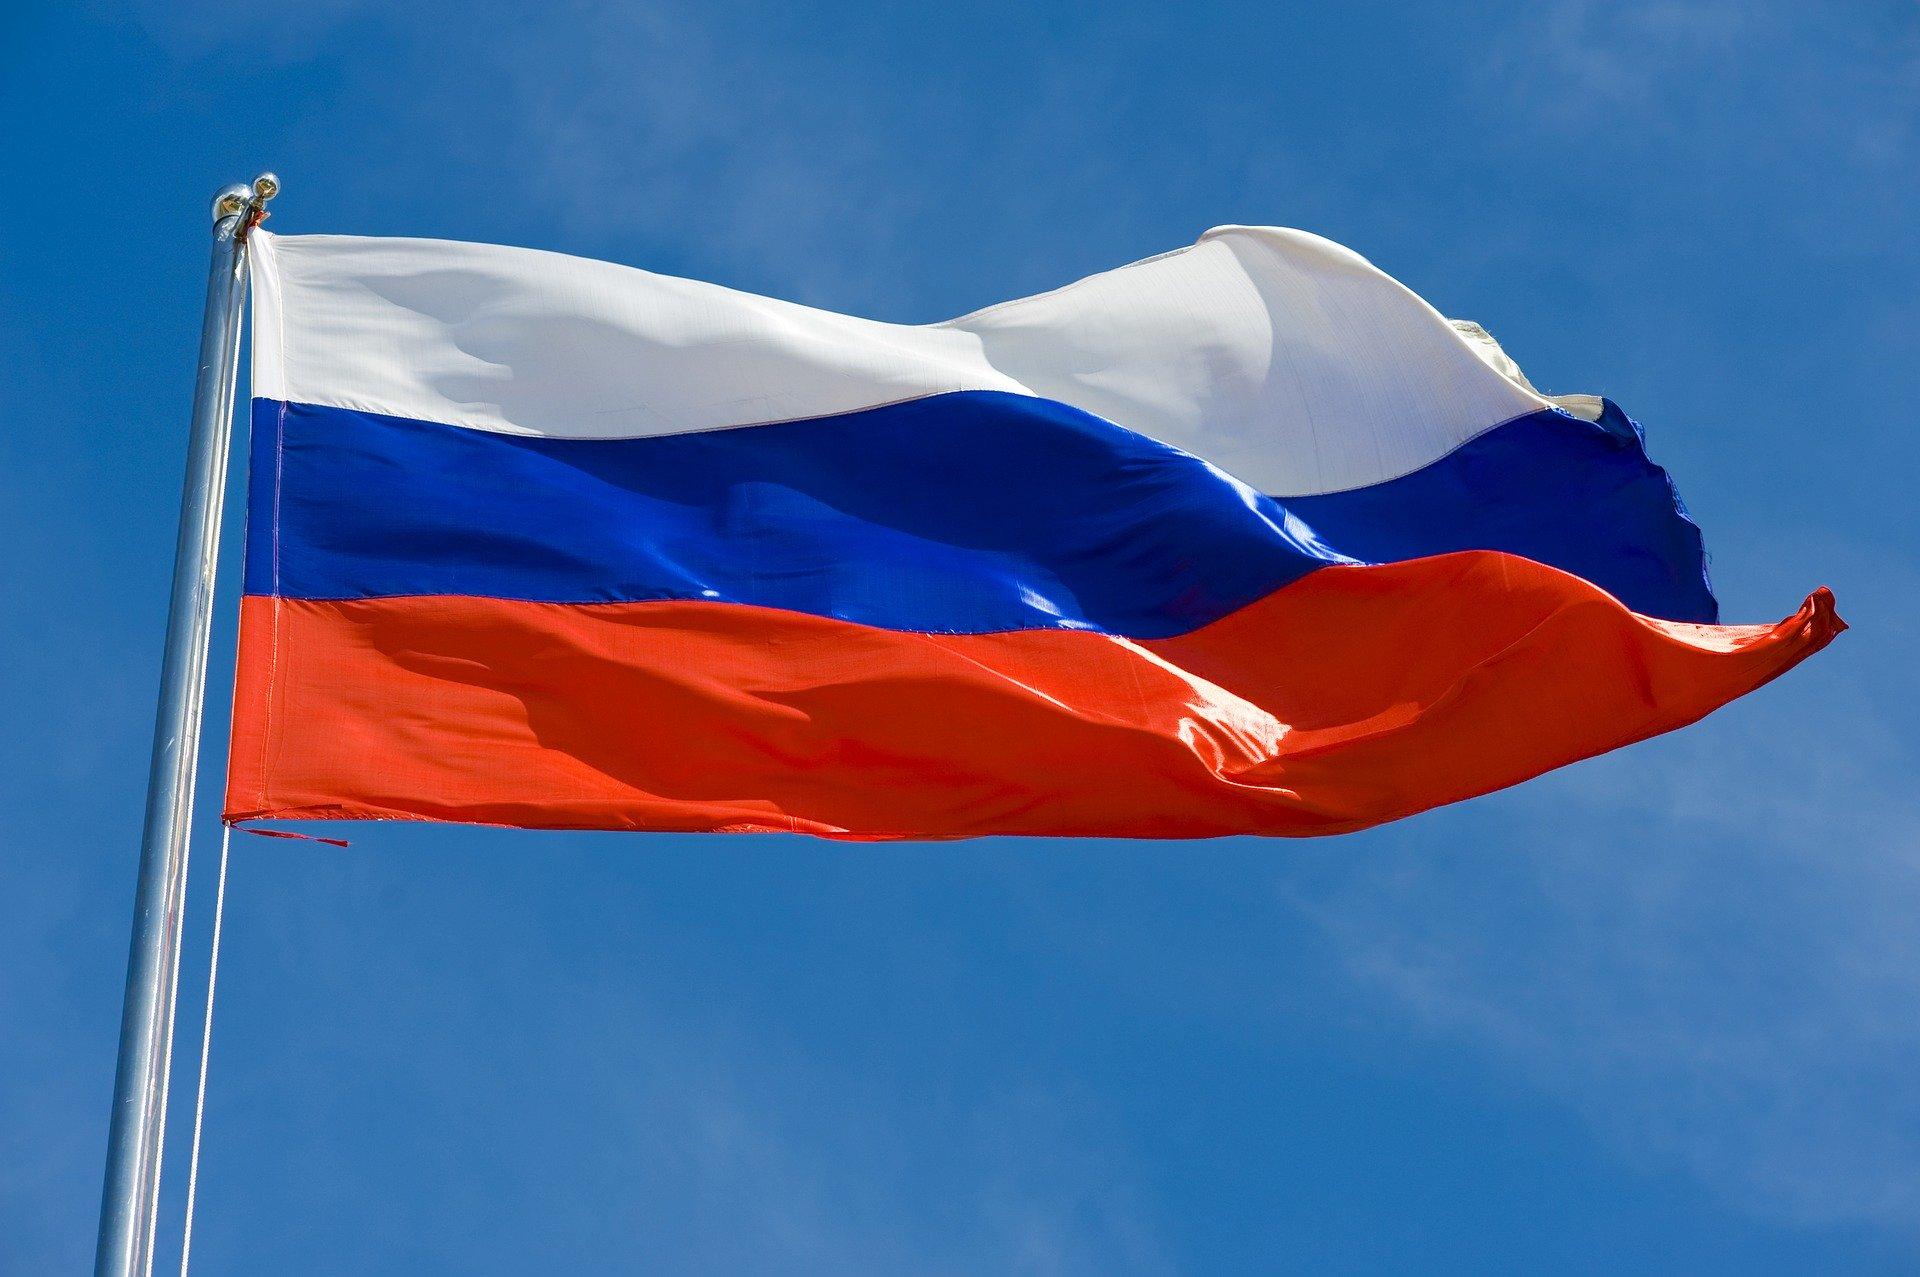 Ярославцы ставят на аватарки триколоры в честь Дня российского флага